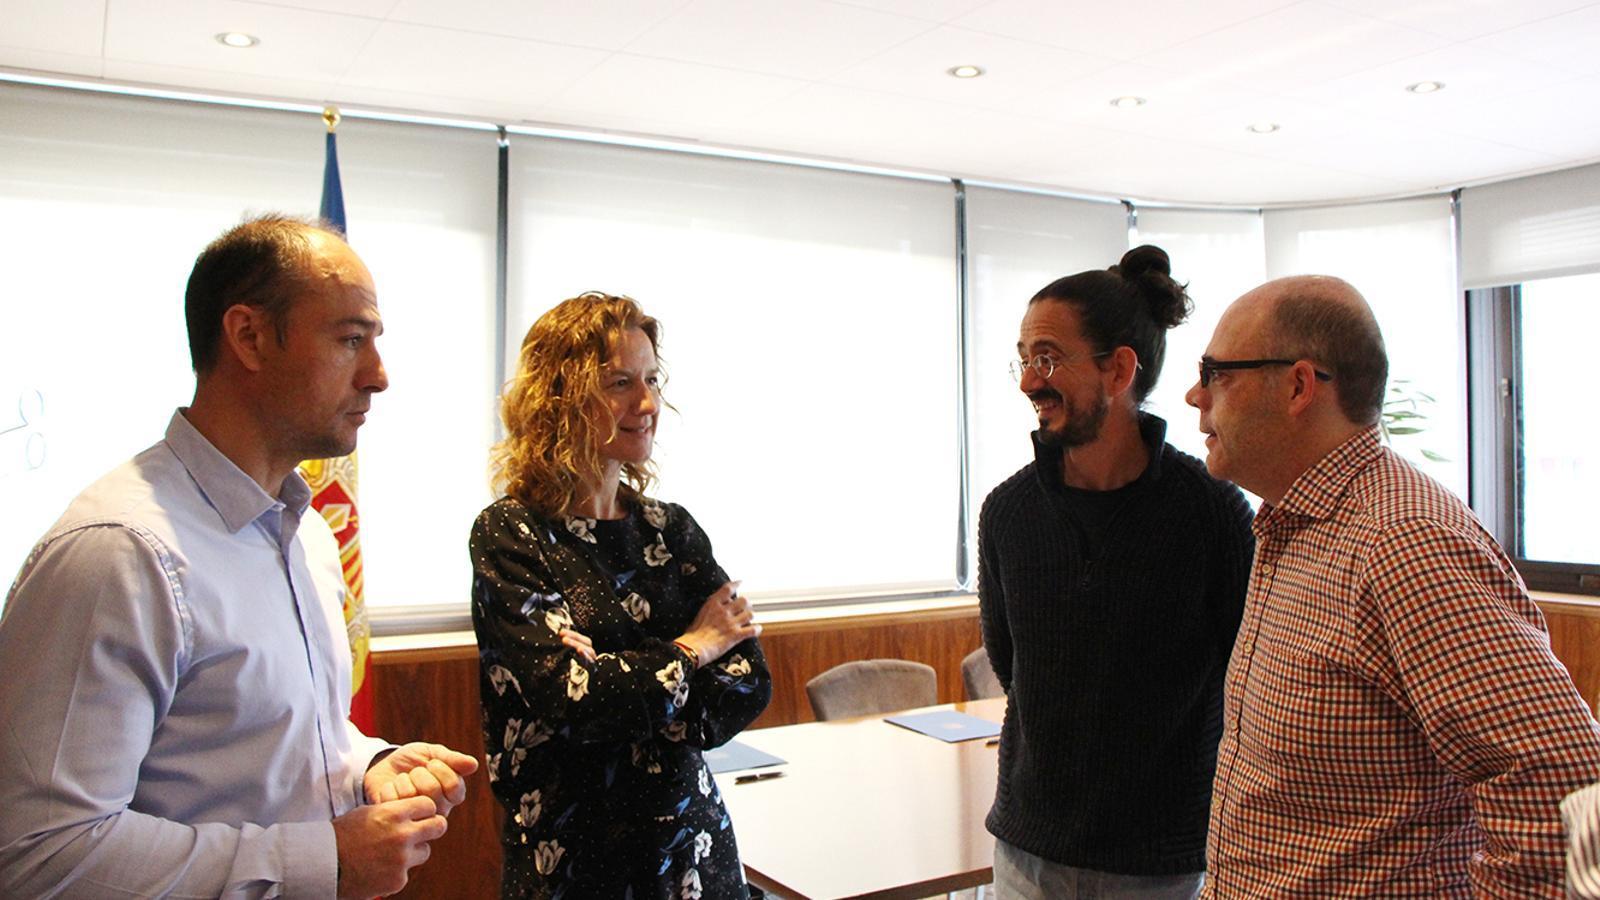 La ministra de Medi Ambient, Agricultura i Sostenibilitat en funcions, Sílvia Calvó, conversa amb Jordi Tena i Xavier Balmés, responsables de fer el documental i el director dels banders, Miquel Rossell. / M. F. (ANA)